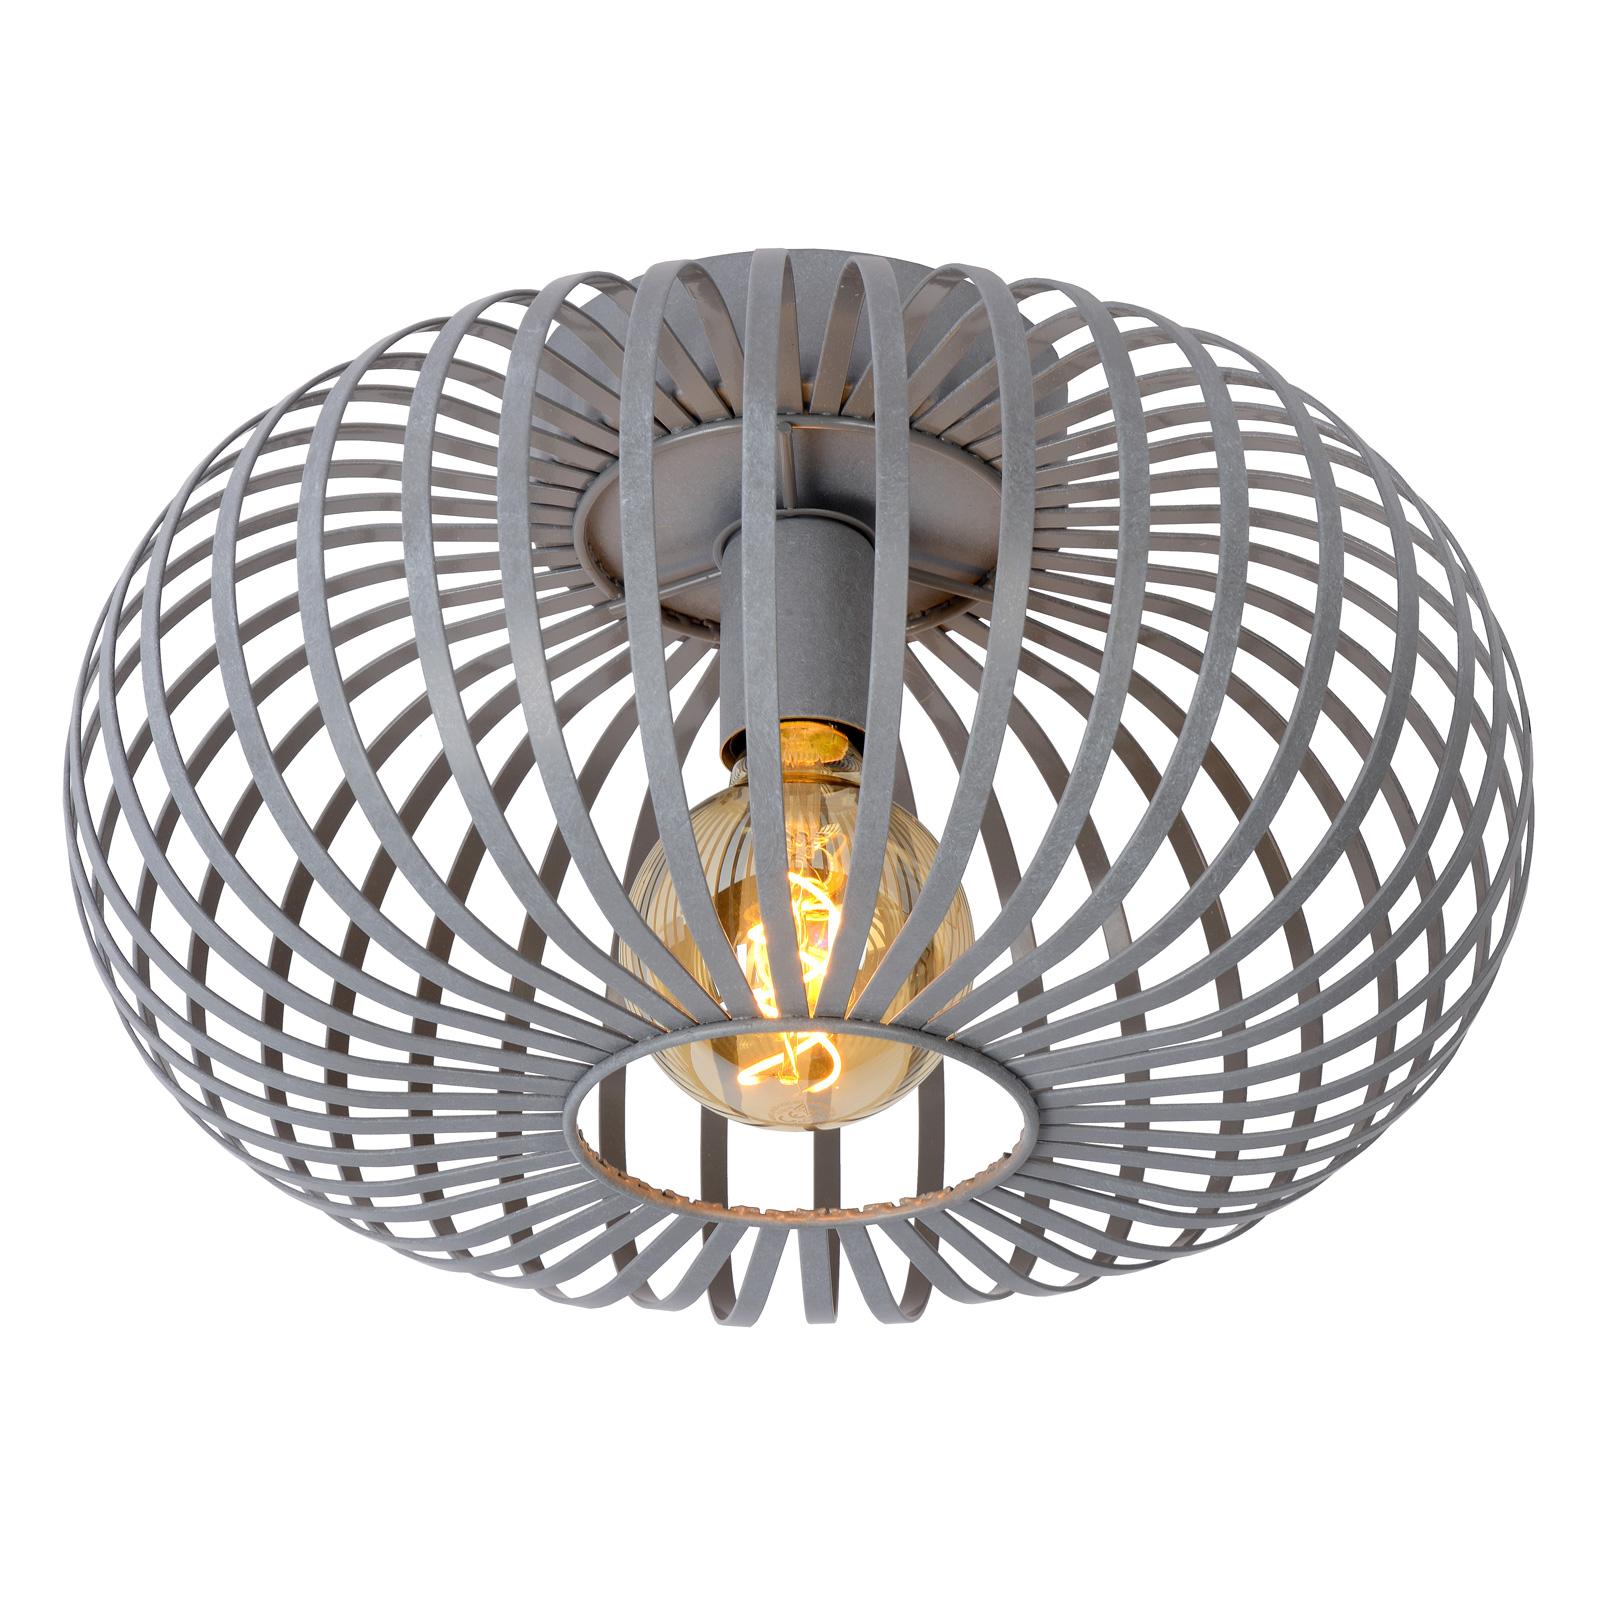 Billede af Manuela loftlampe, grå Ø 40 cm